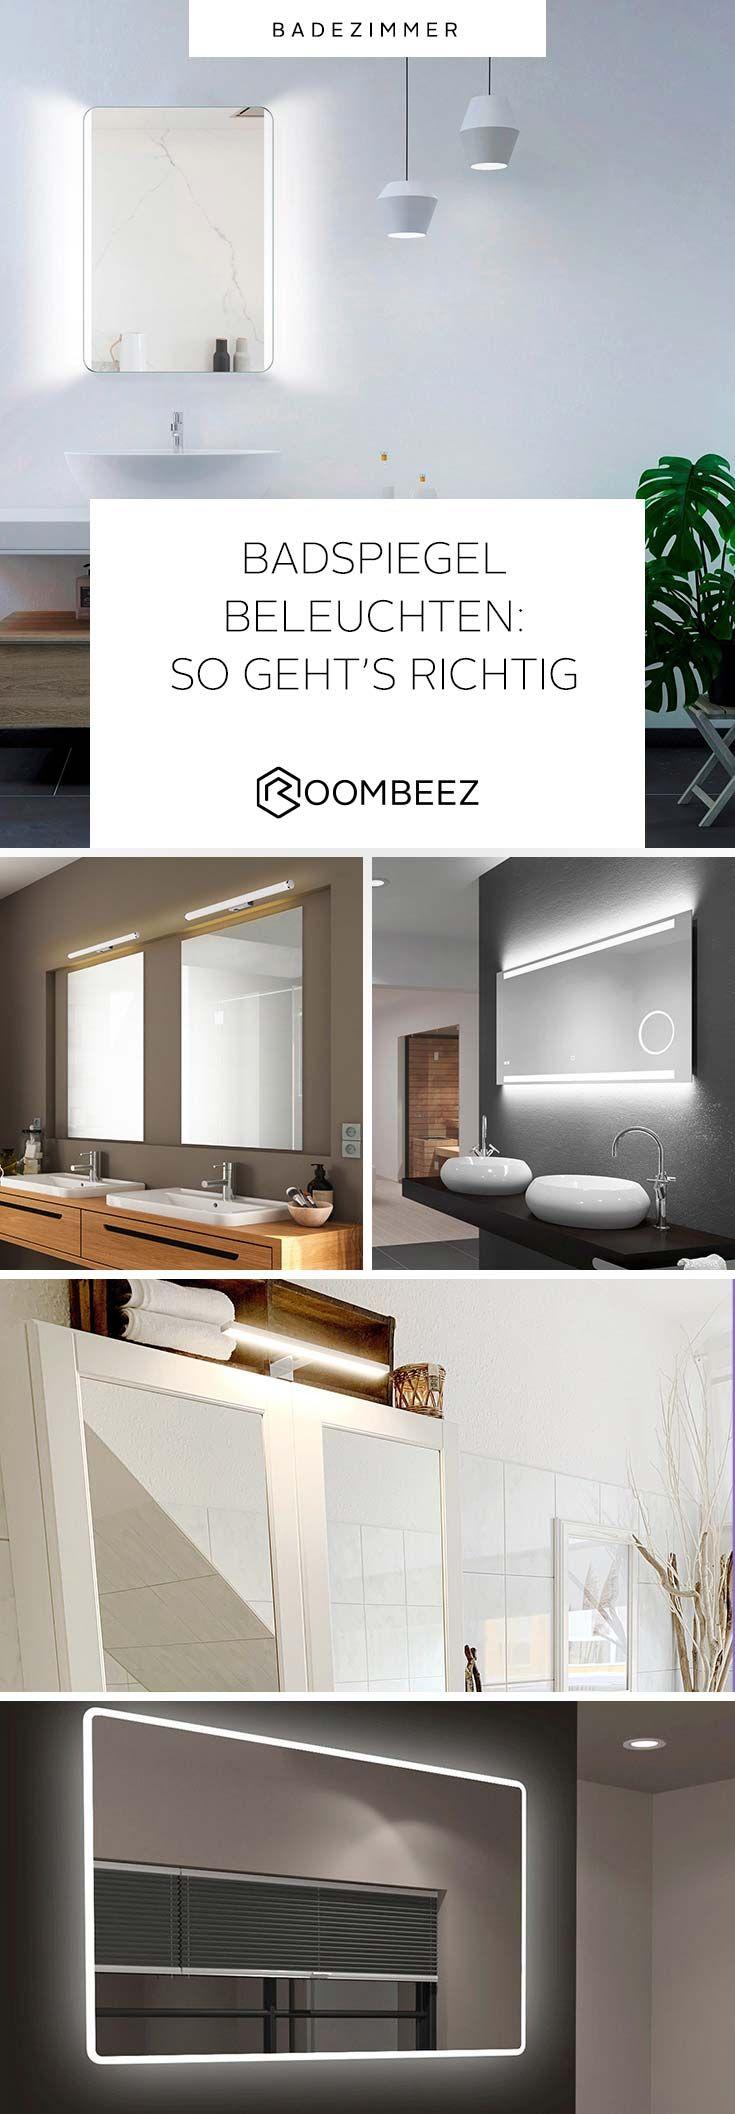 Spiegelbeleuchtung Im Bad Ideales Licht Zum Schminken Otto In 2020 Spiegel Mit Beleuchtung Beleuchtung Badspiegel Beleuchtet